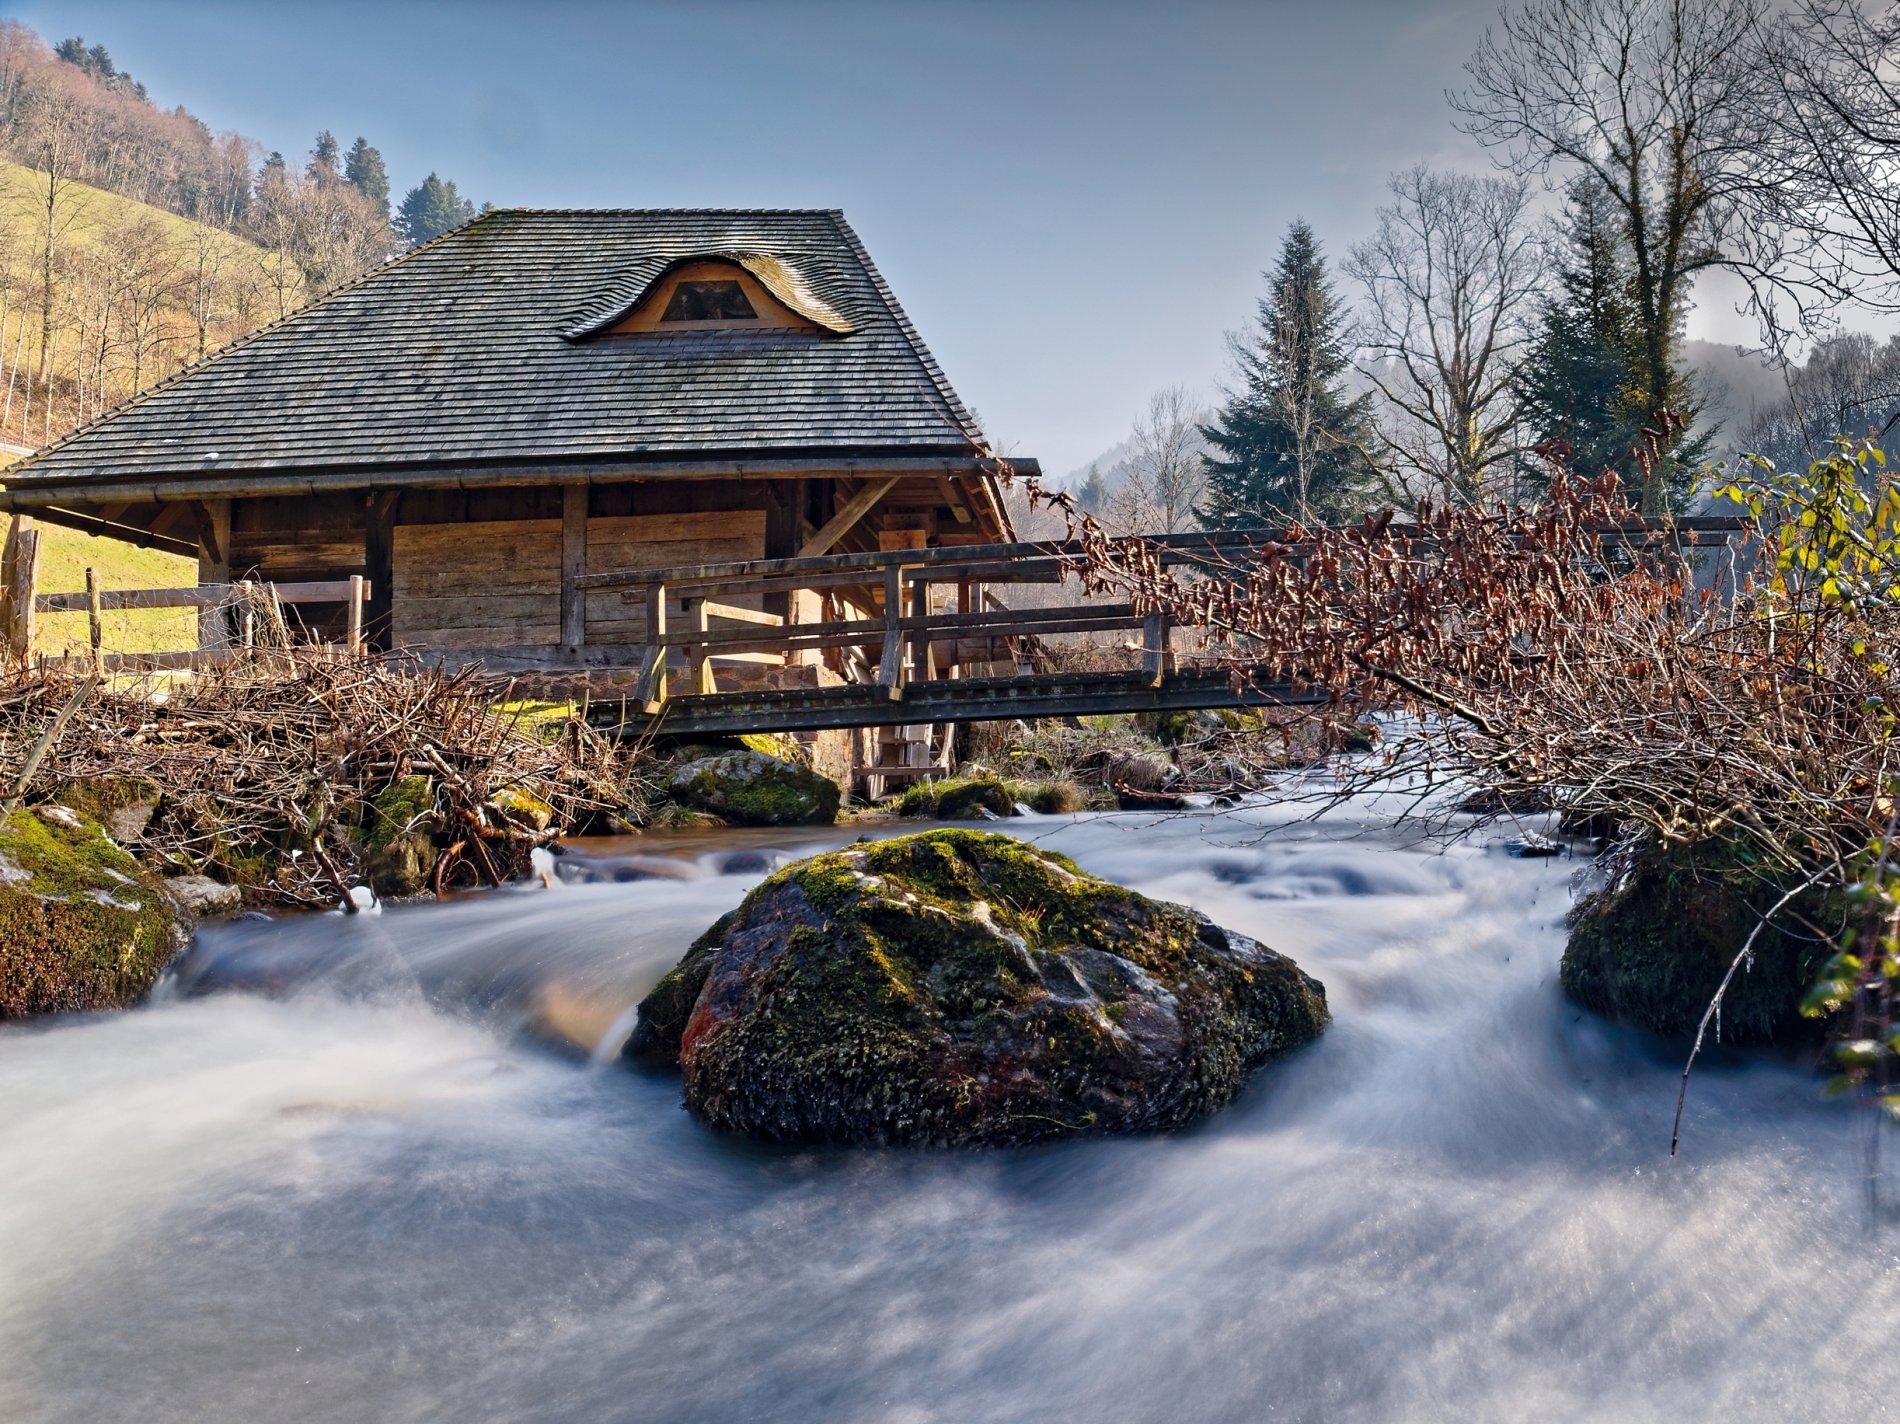 Hilzingermühle Glottertal